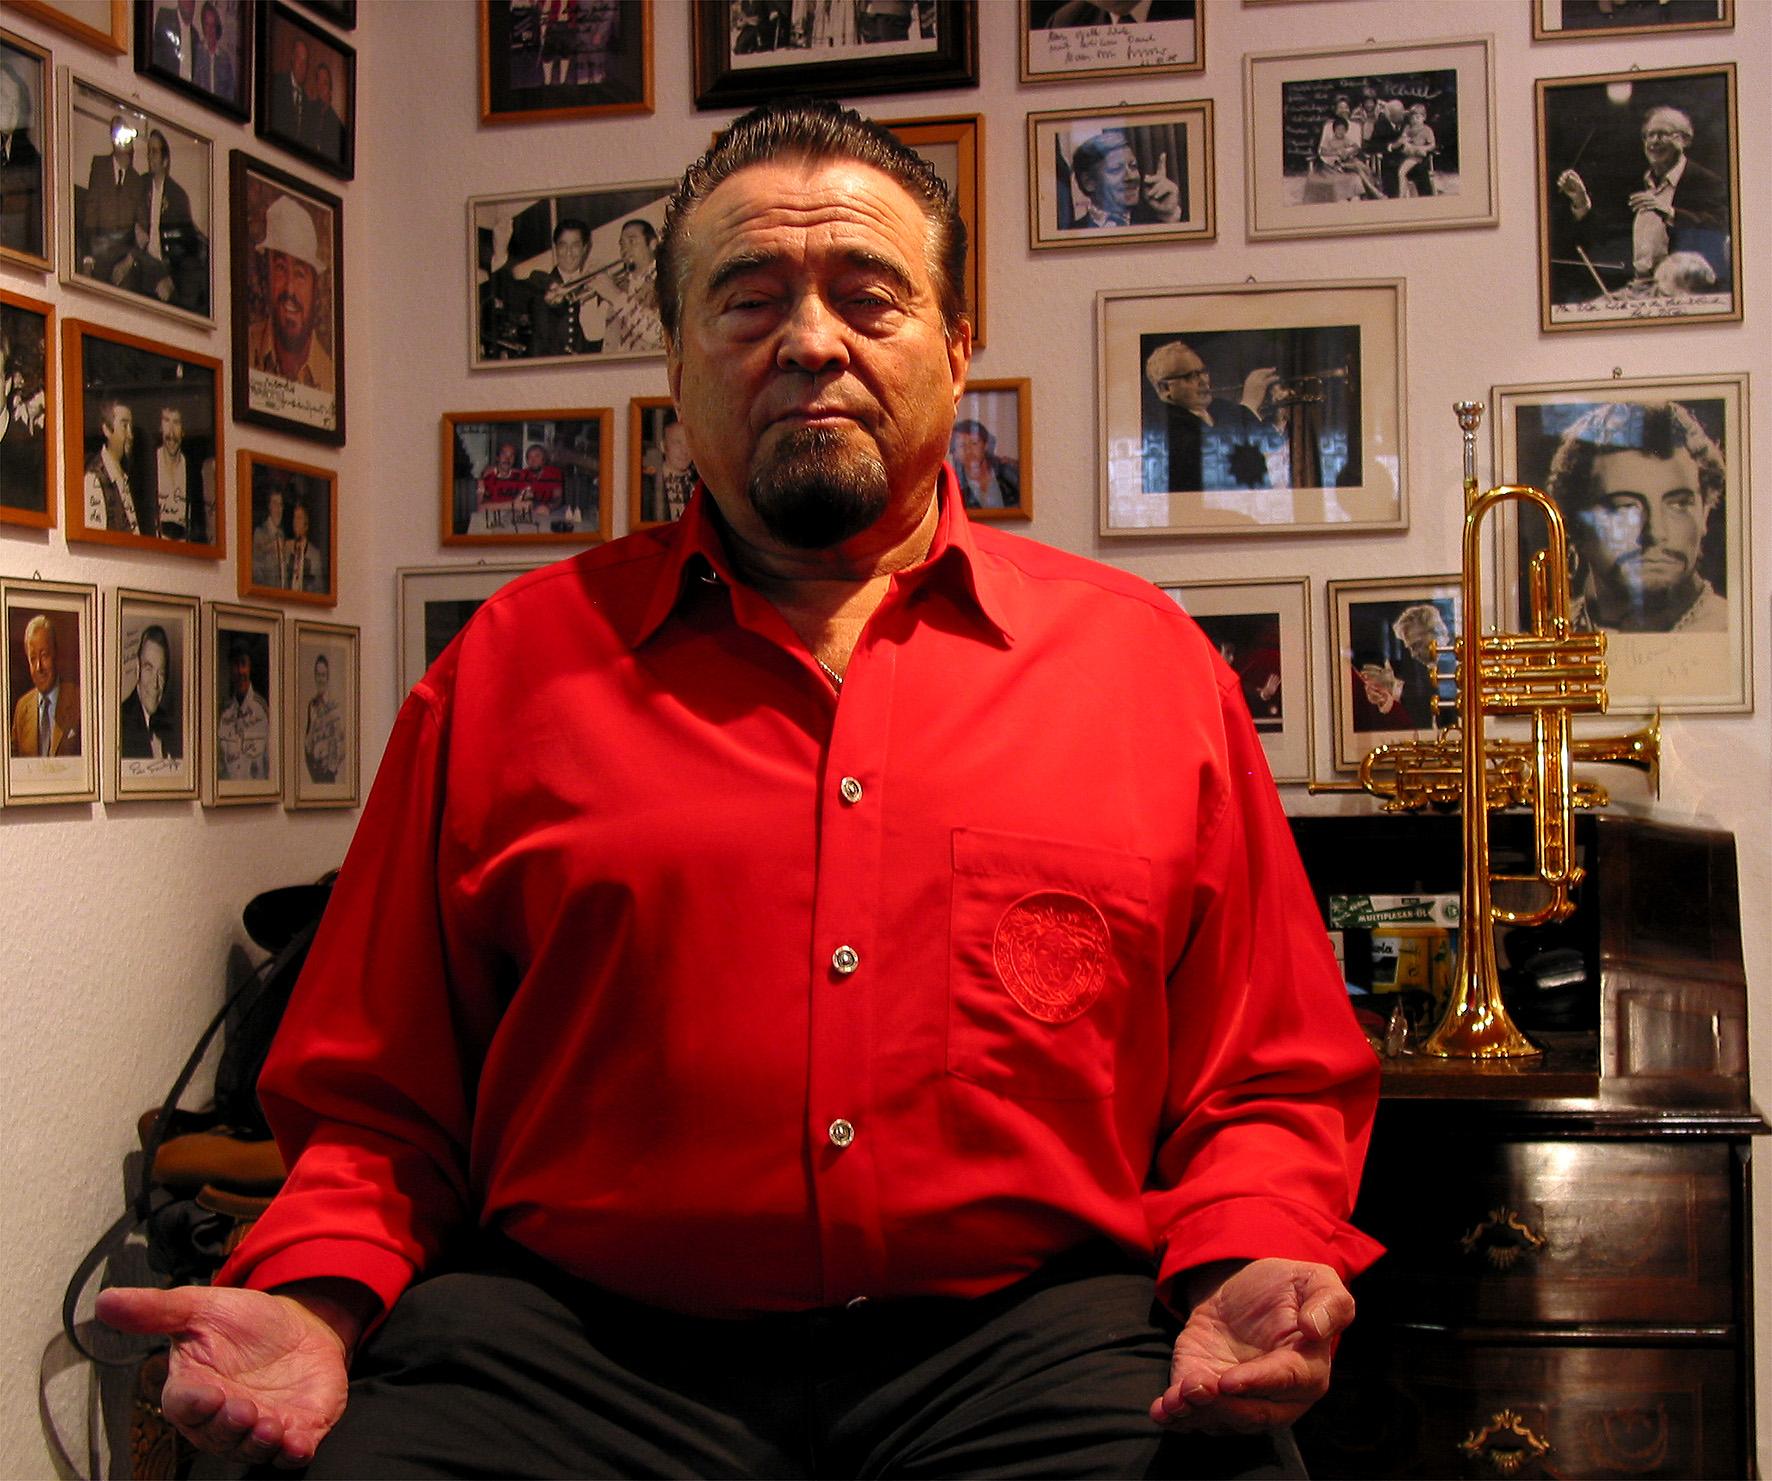 Walter Scholz